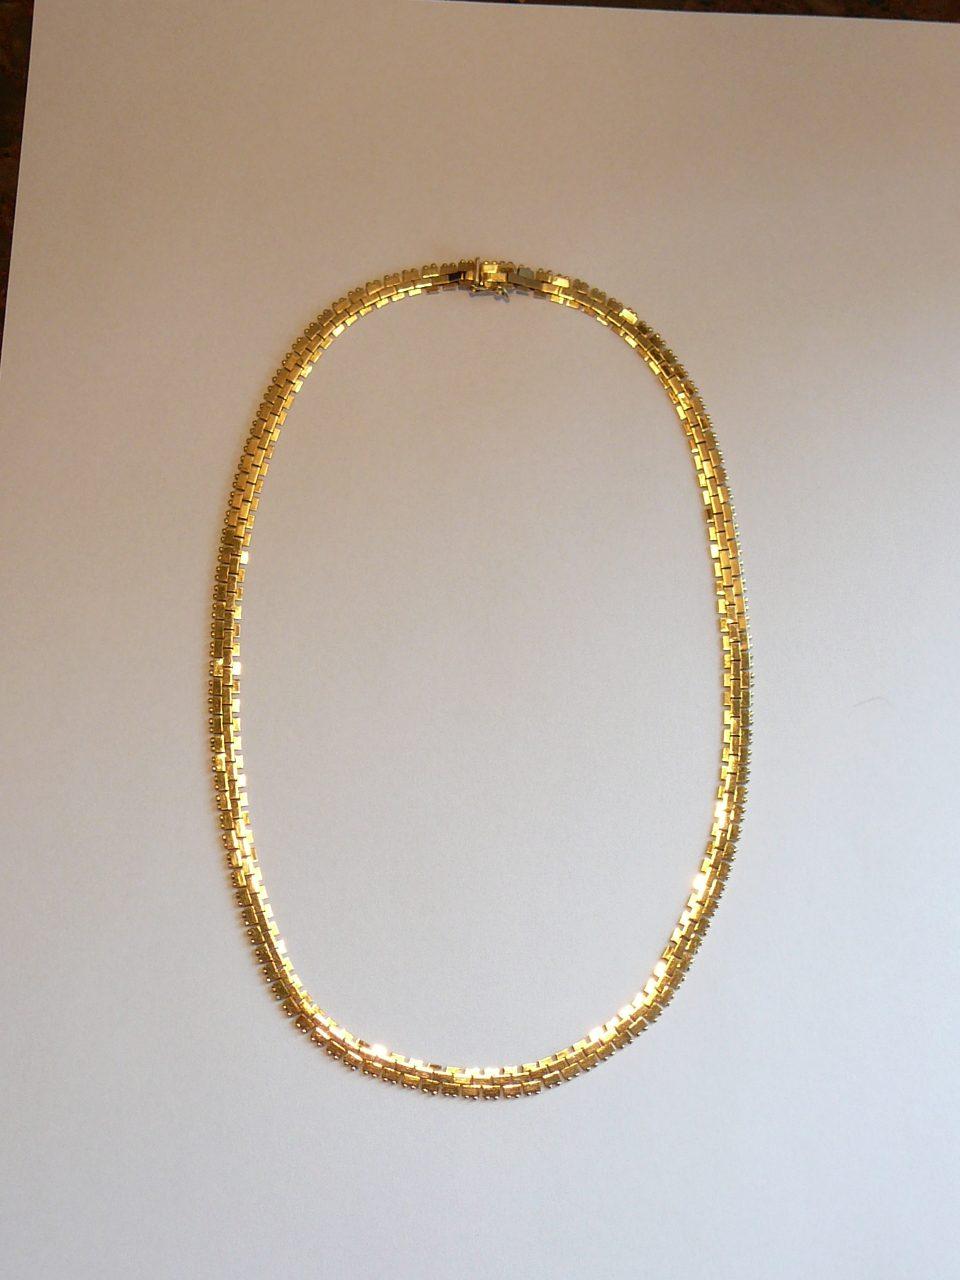 Lækker Guld collier 18k 750 Frank Frederiksen – Westmindeclassic.dk WR-33